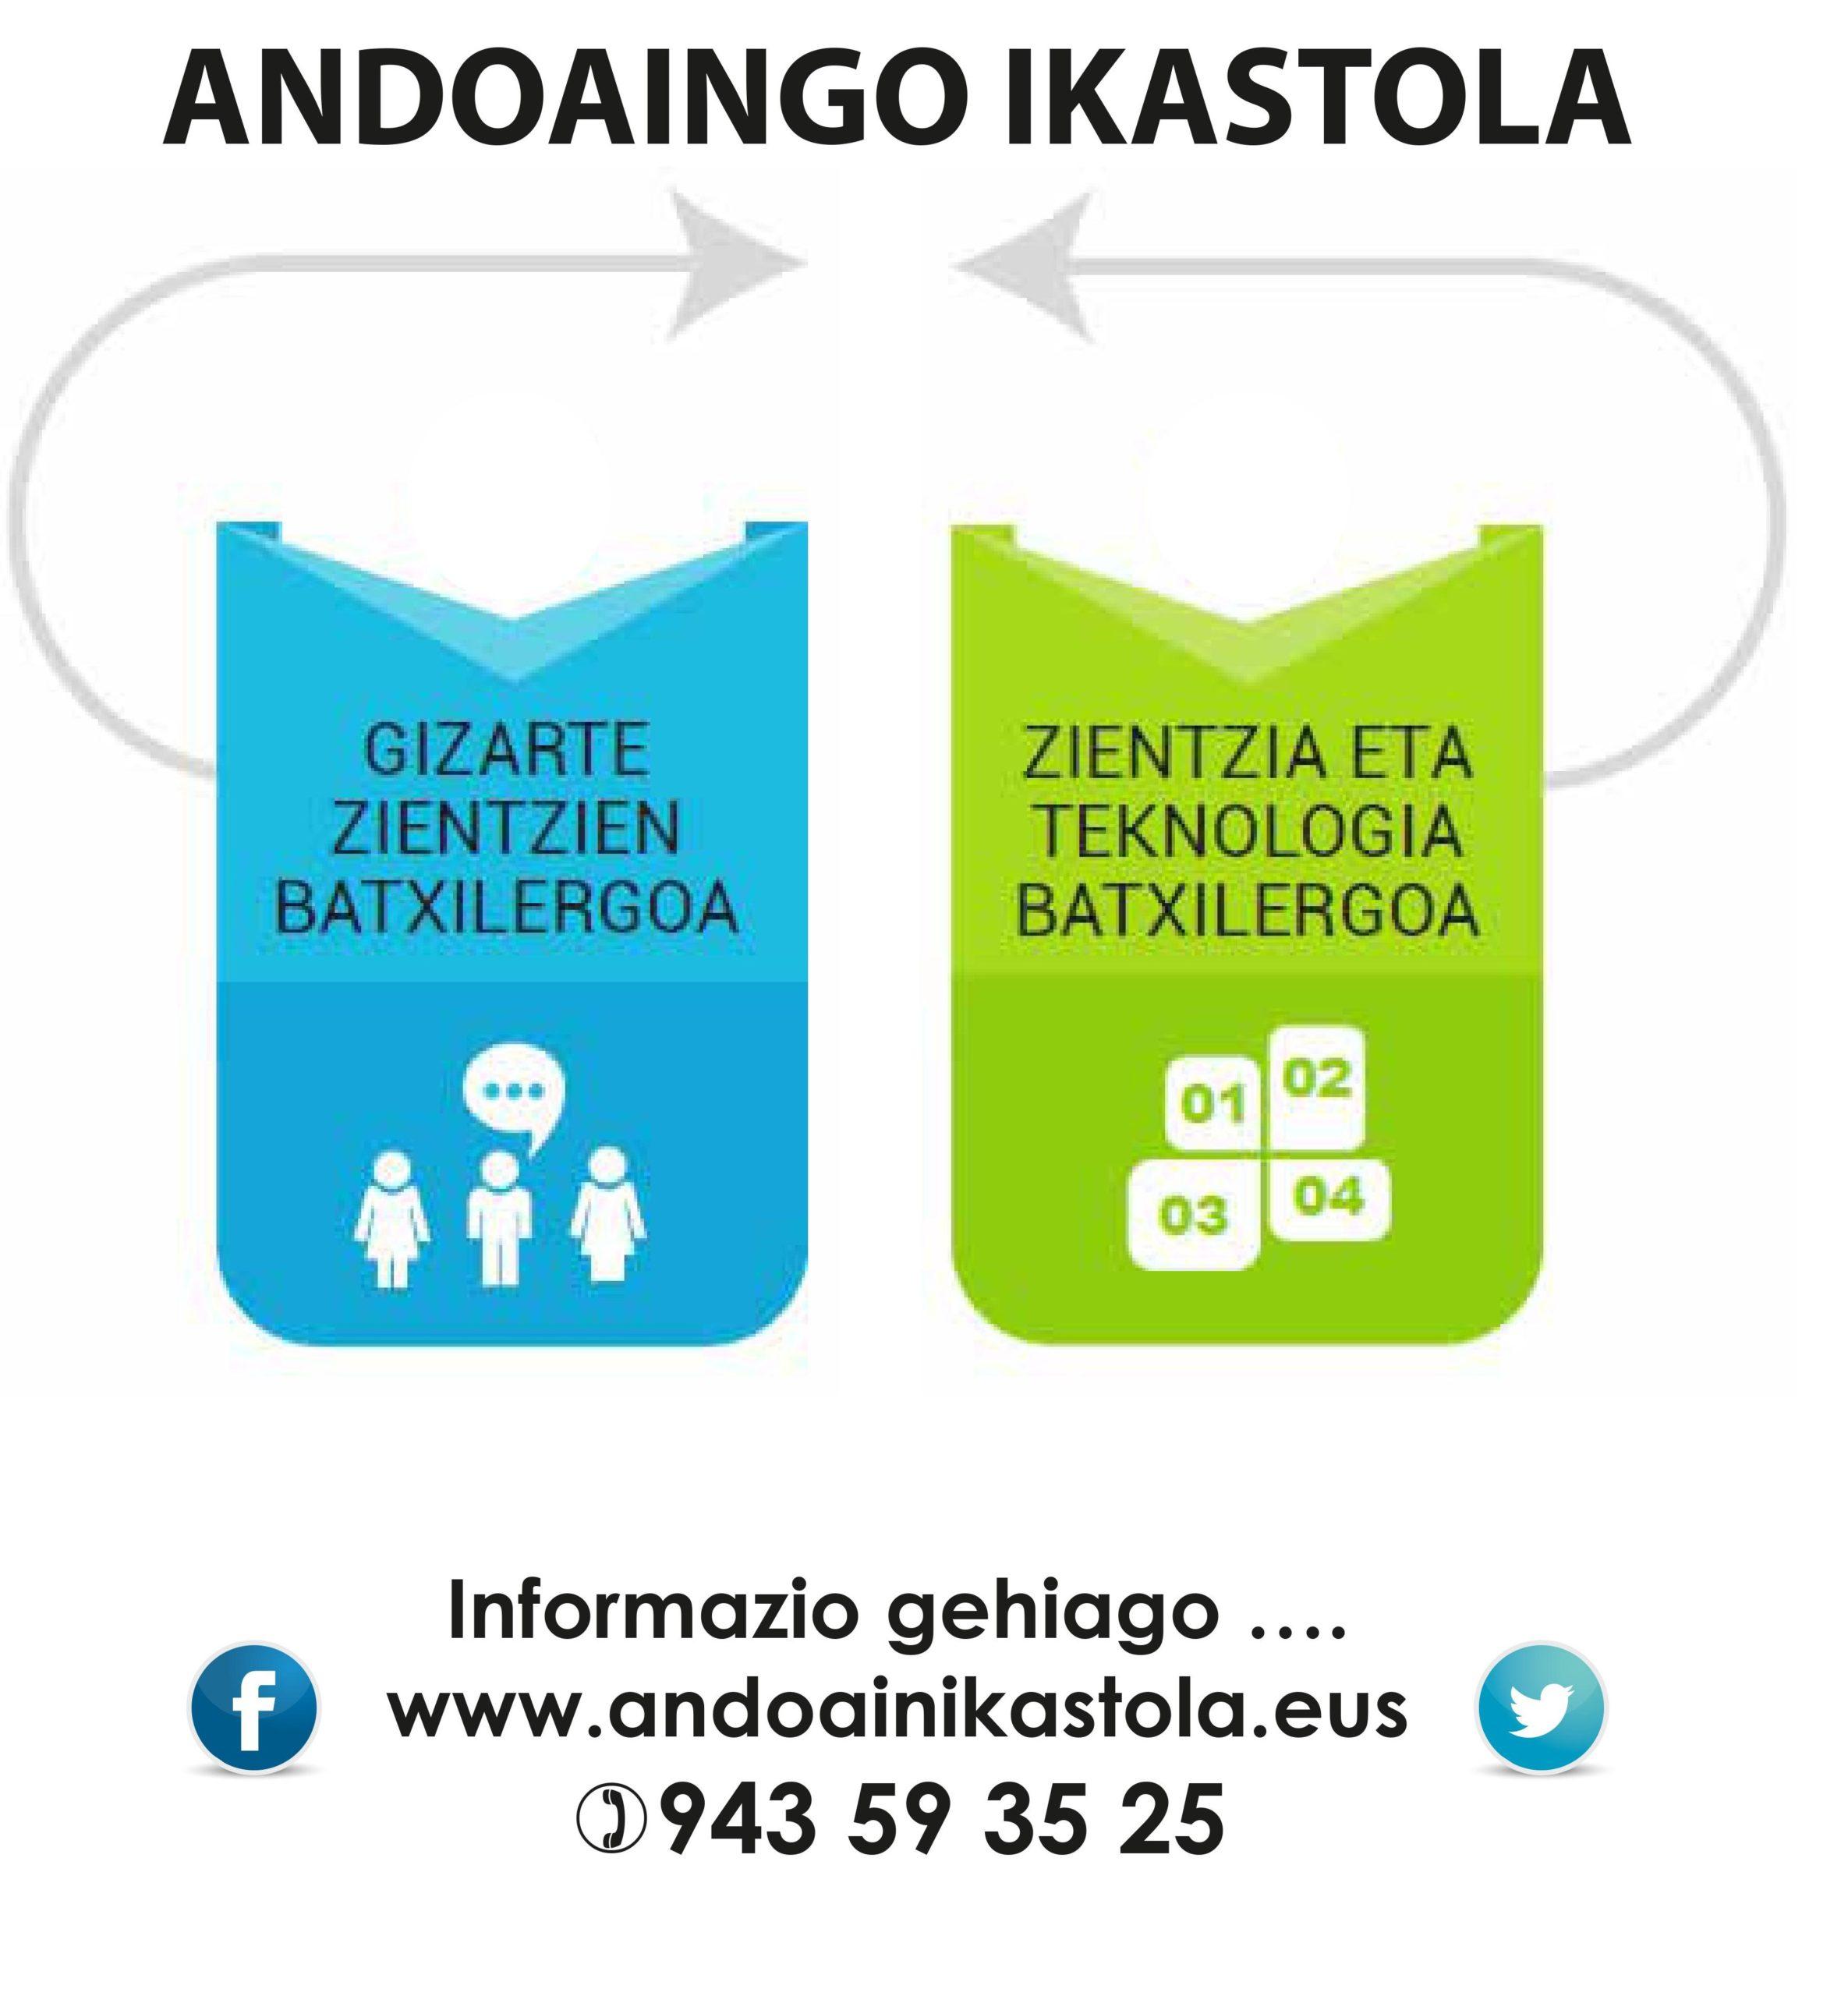 MATRIKULAZIOA BATXILERGOA 2020-21 (Maiatzak 4-22)